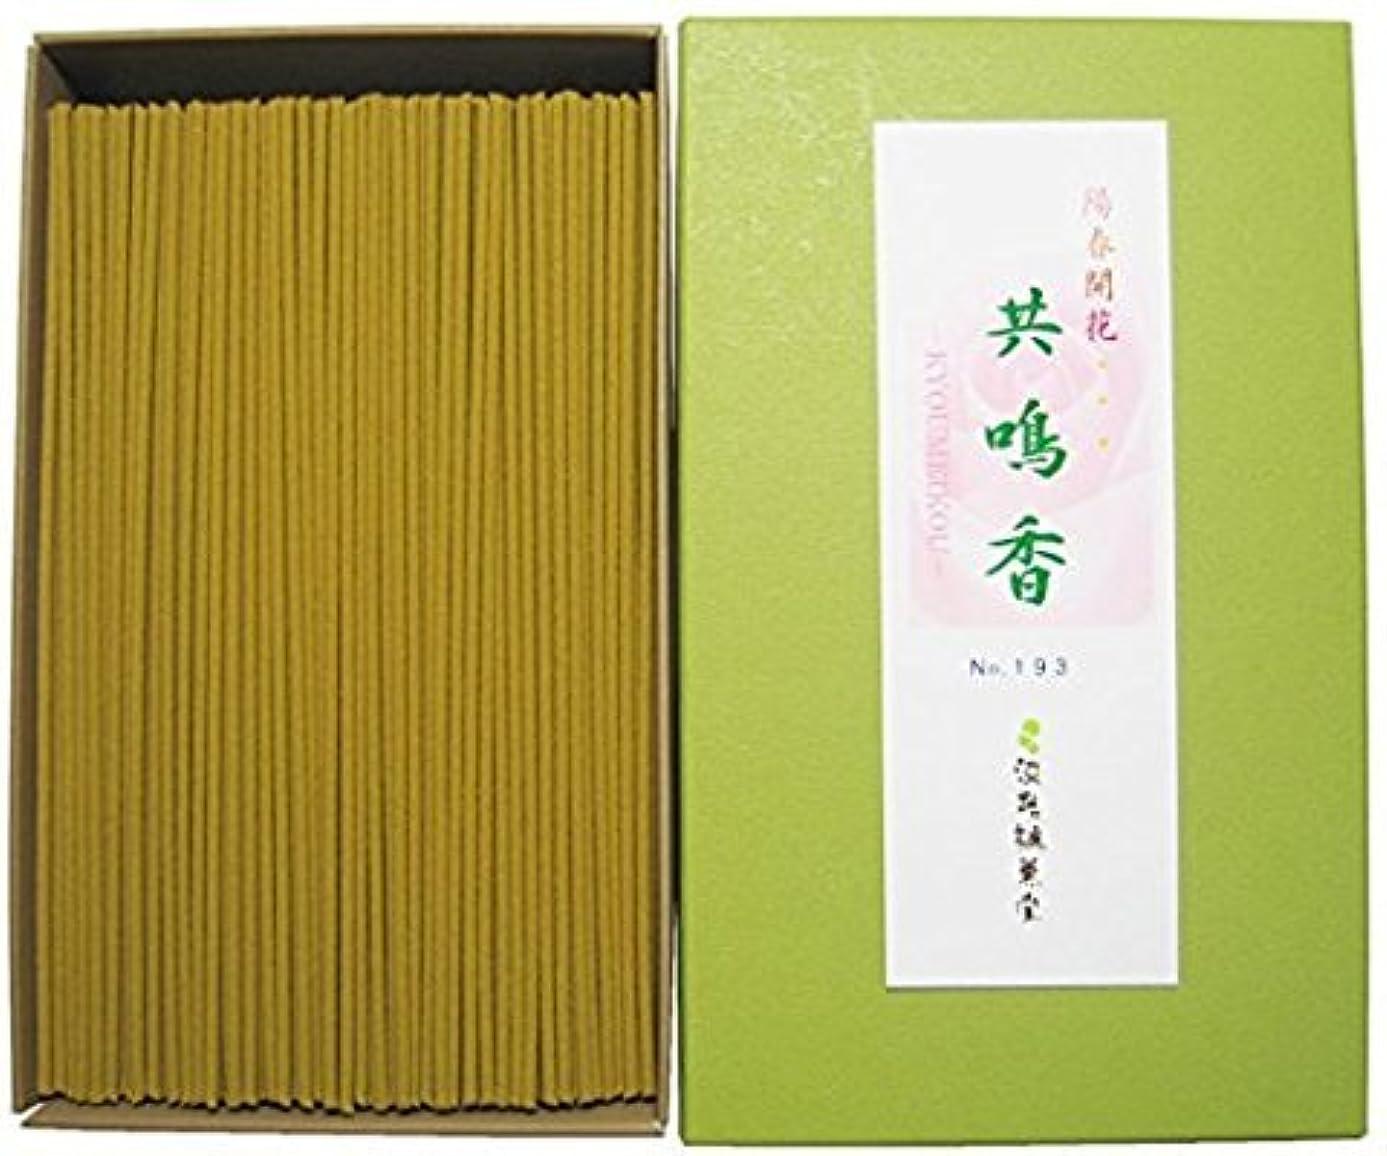 淡路梅薫堂のお線香 共鳴香 150g×15 (薔薇の香り) #193